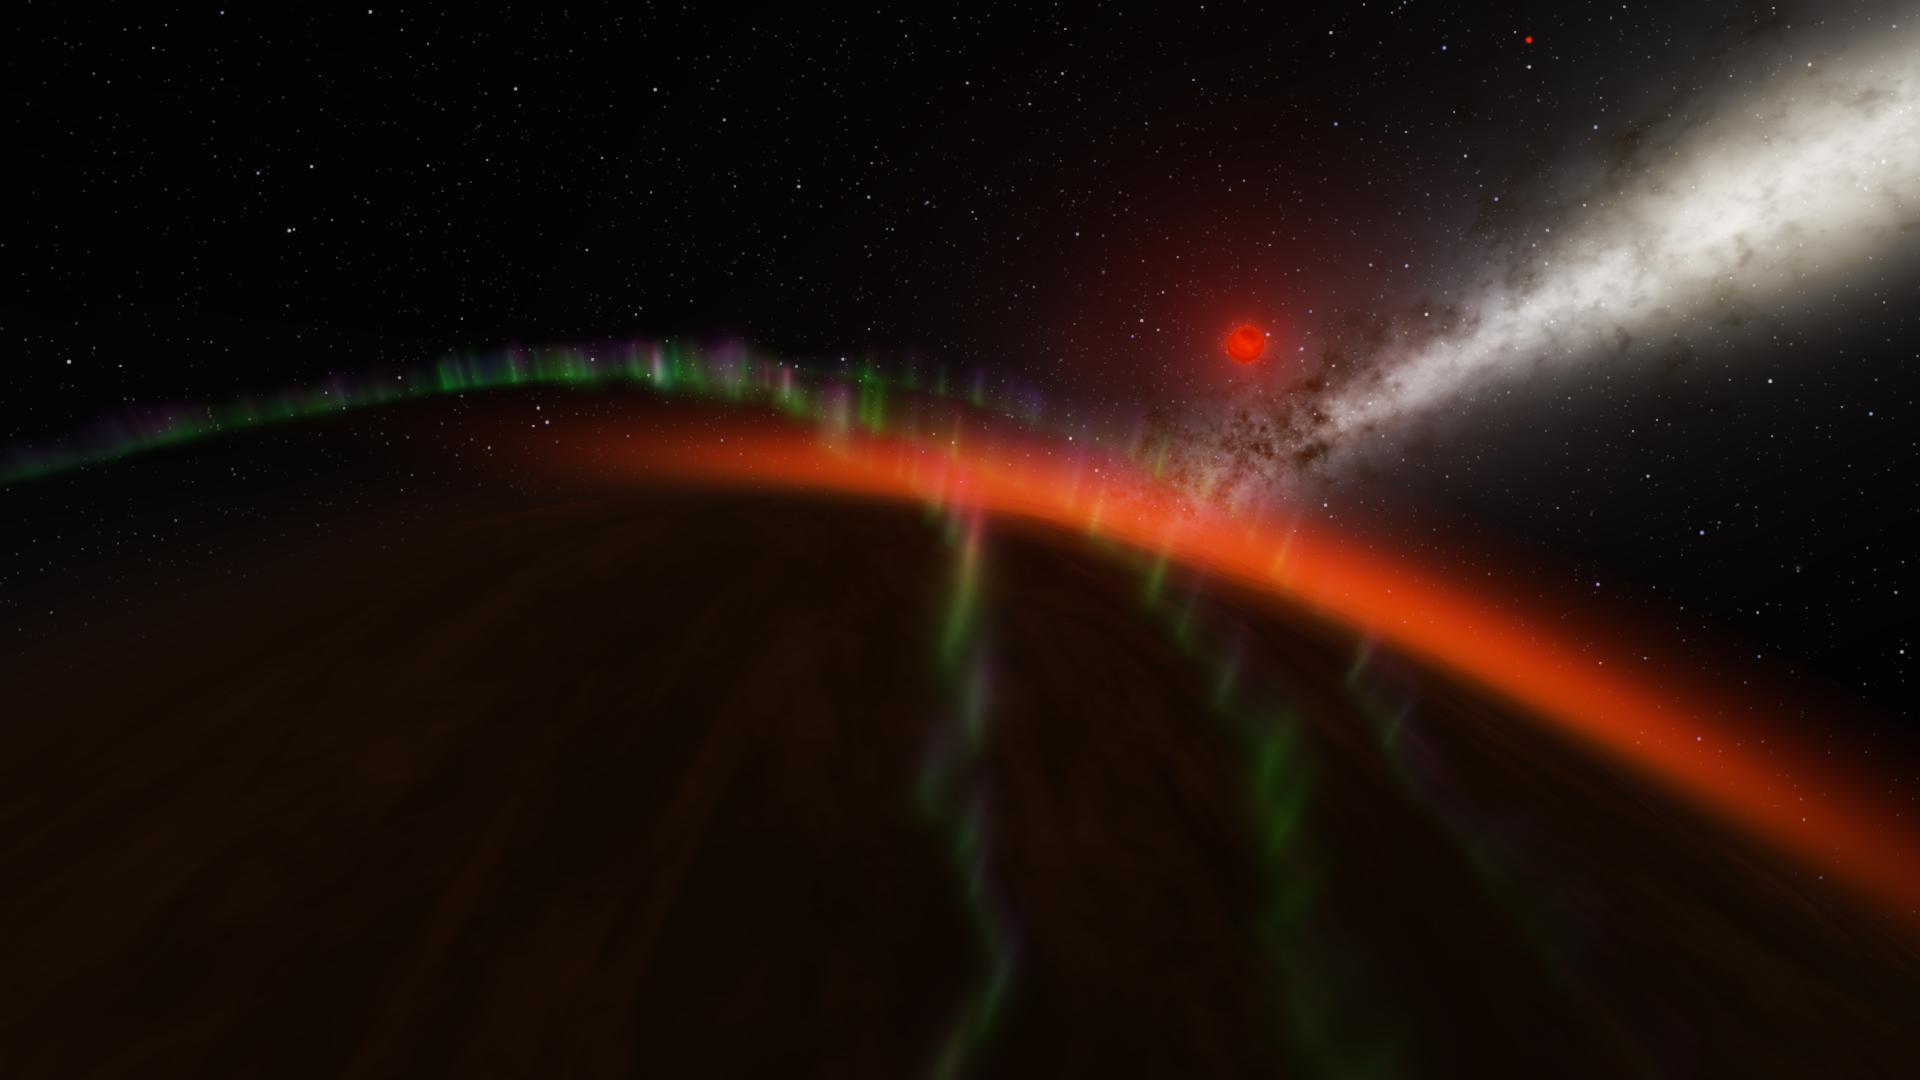 aurora spacecraft game - photo #28